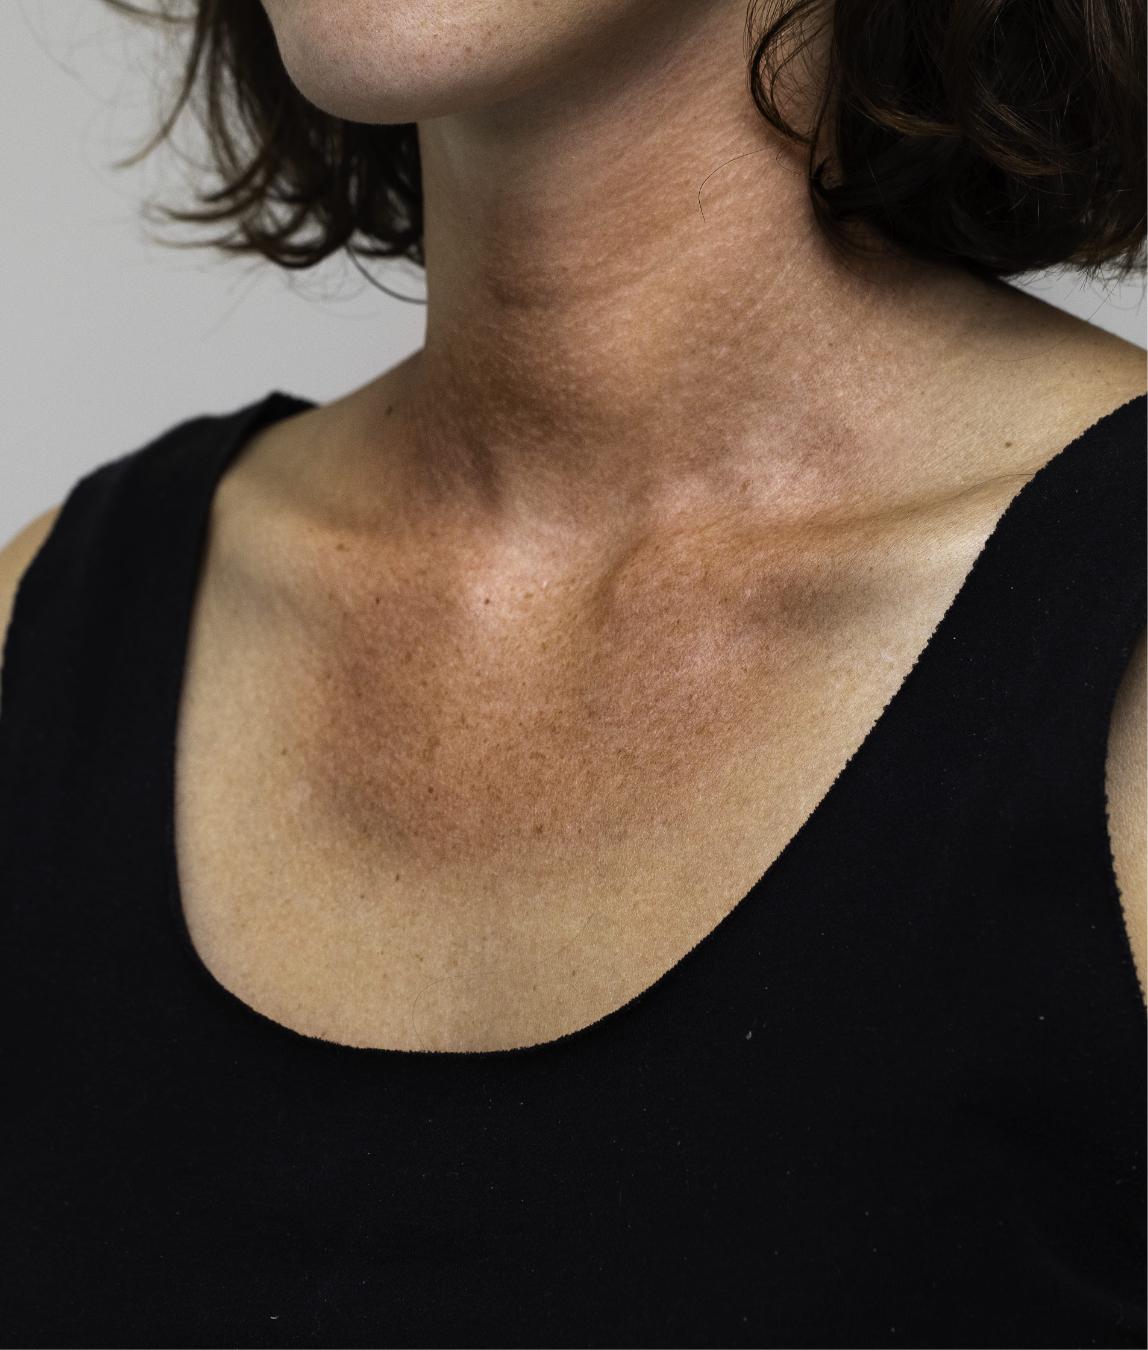 Sun damage in the neck area